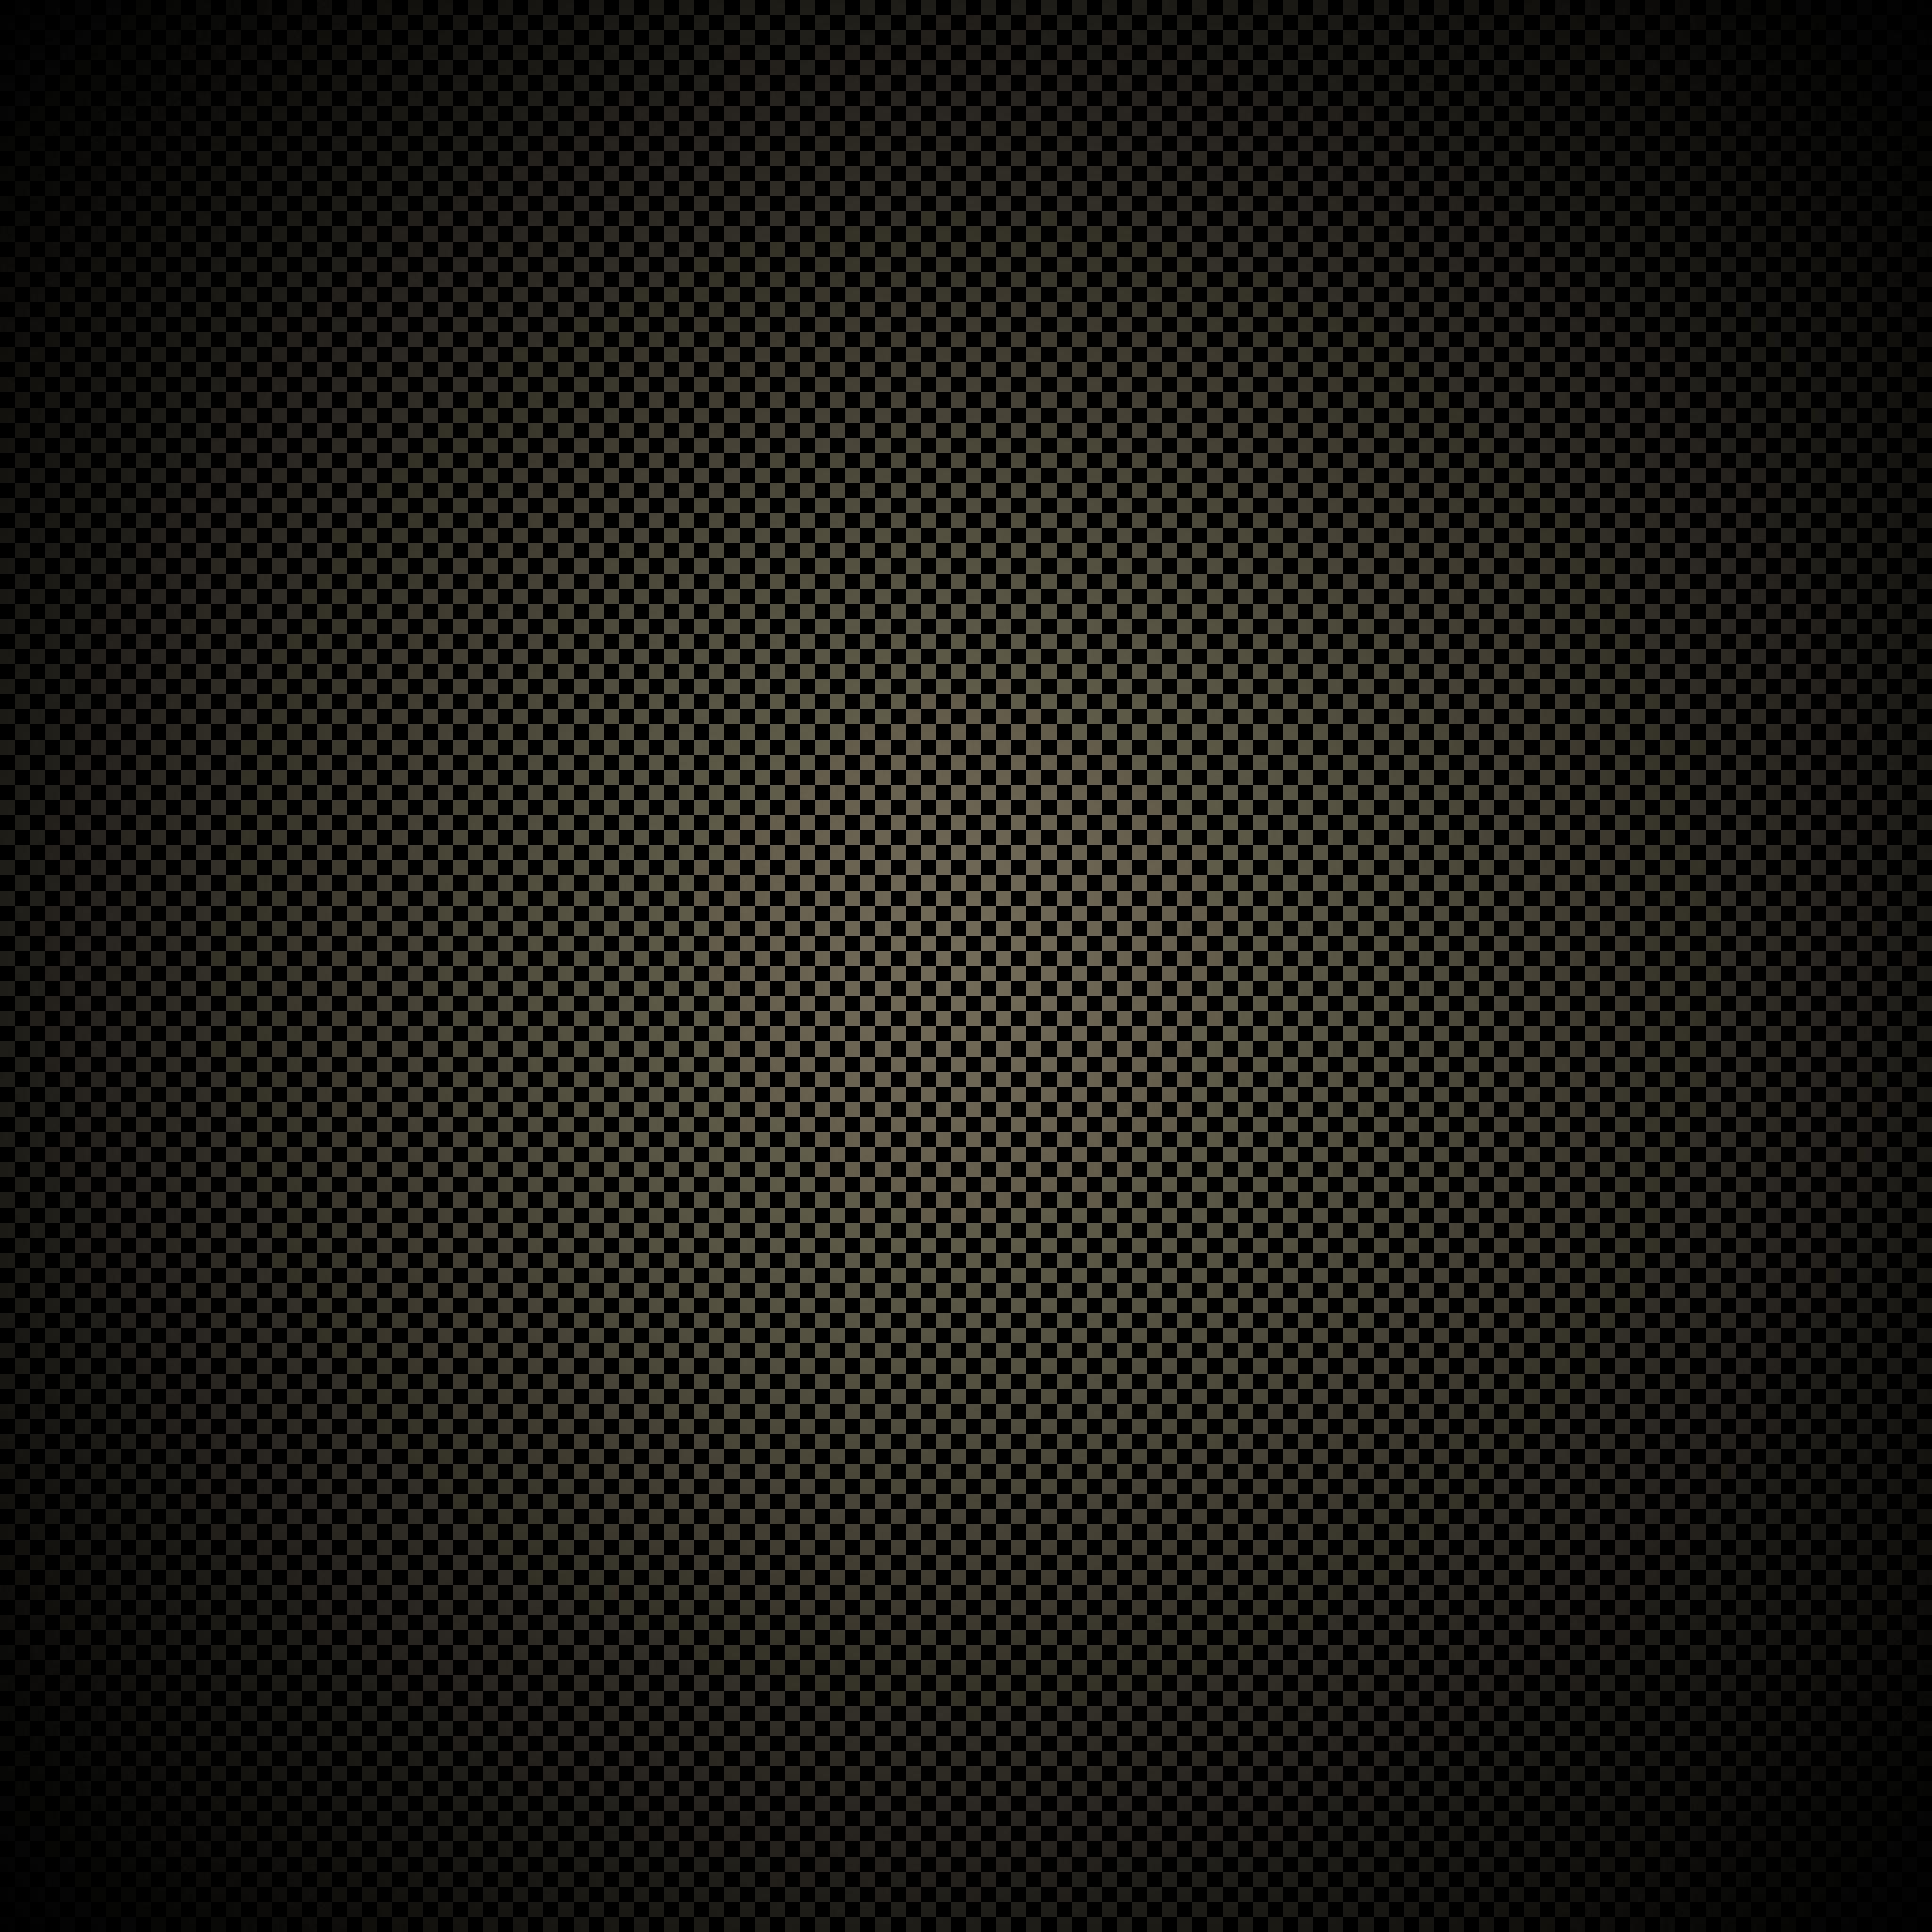 Todays new iPad wallpapers 14102012 new ipad wallpaper hd 2048 2048x2048